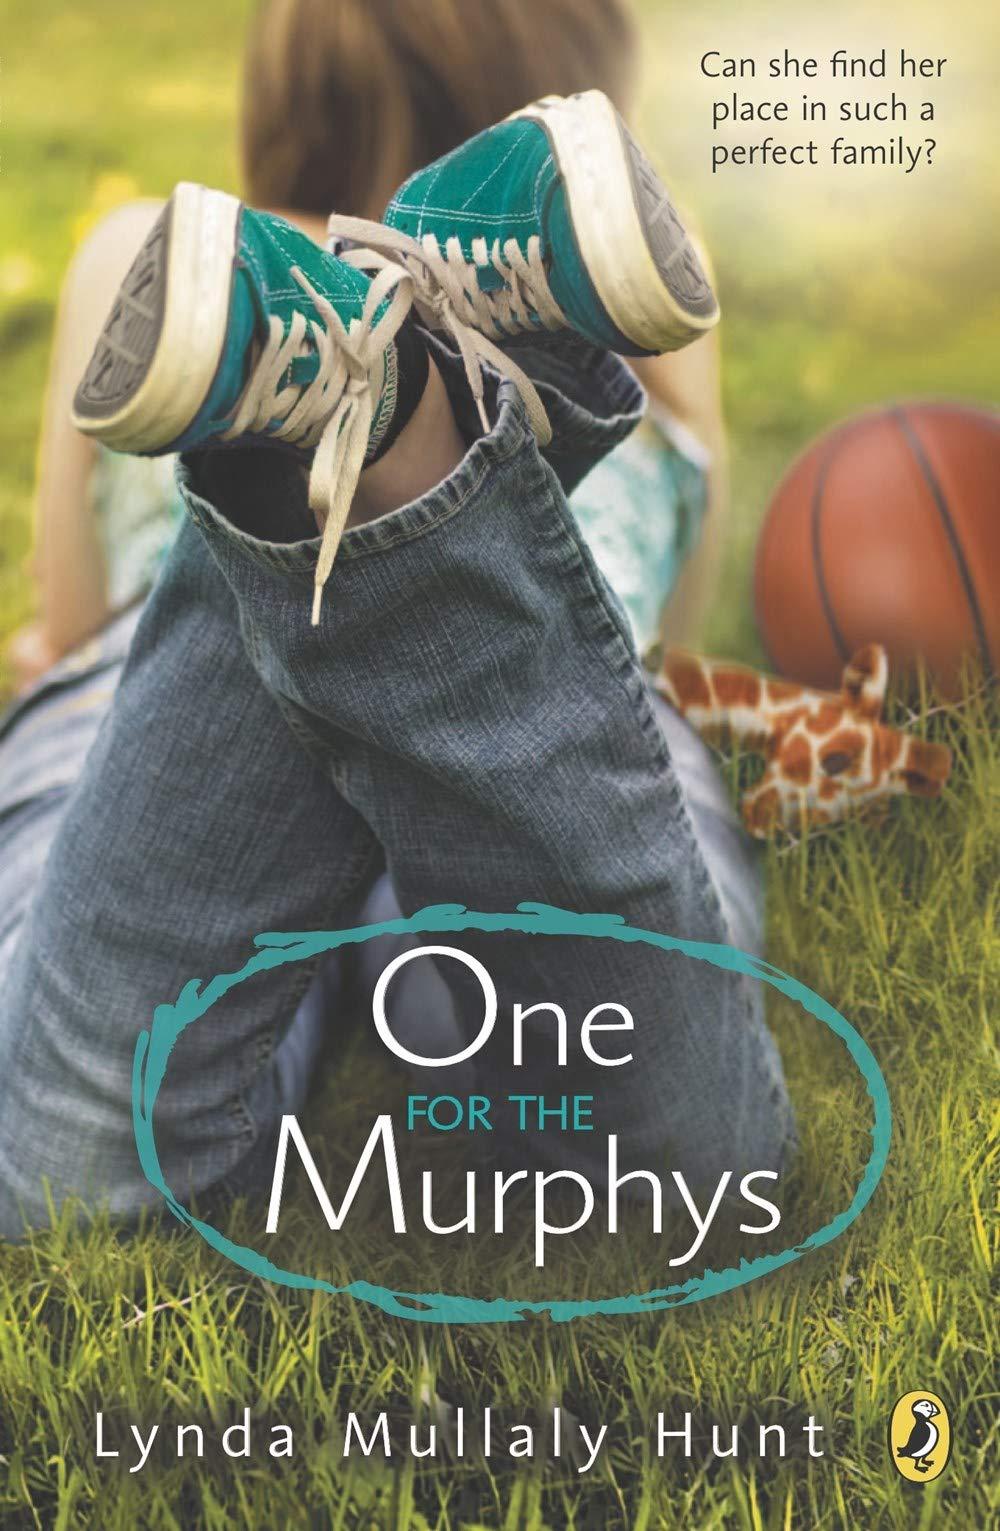 One for the Murphys: Amazon.es: Lynda Mullaly Hunt: Libros en idiomas extranjeros